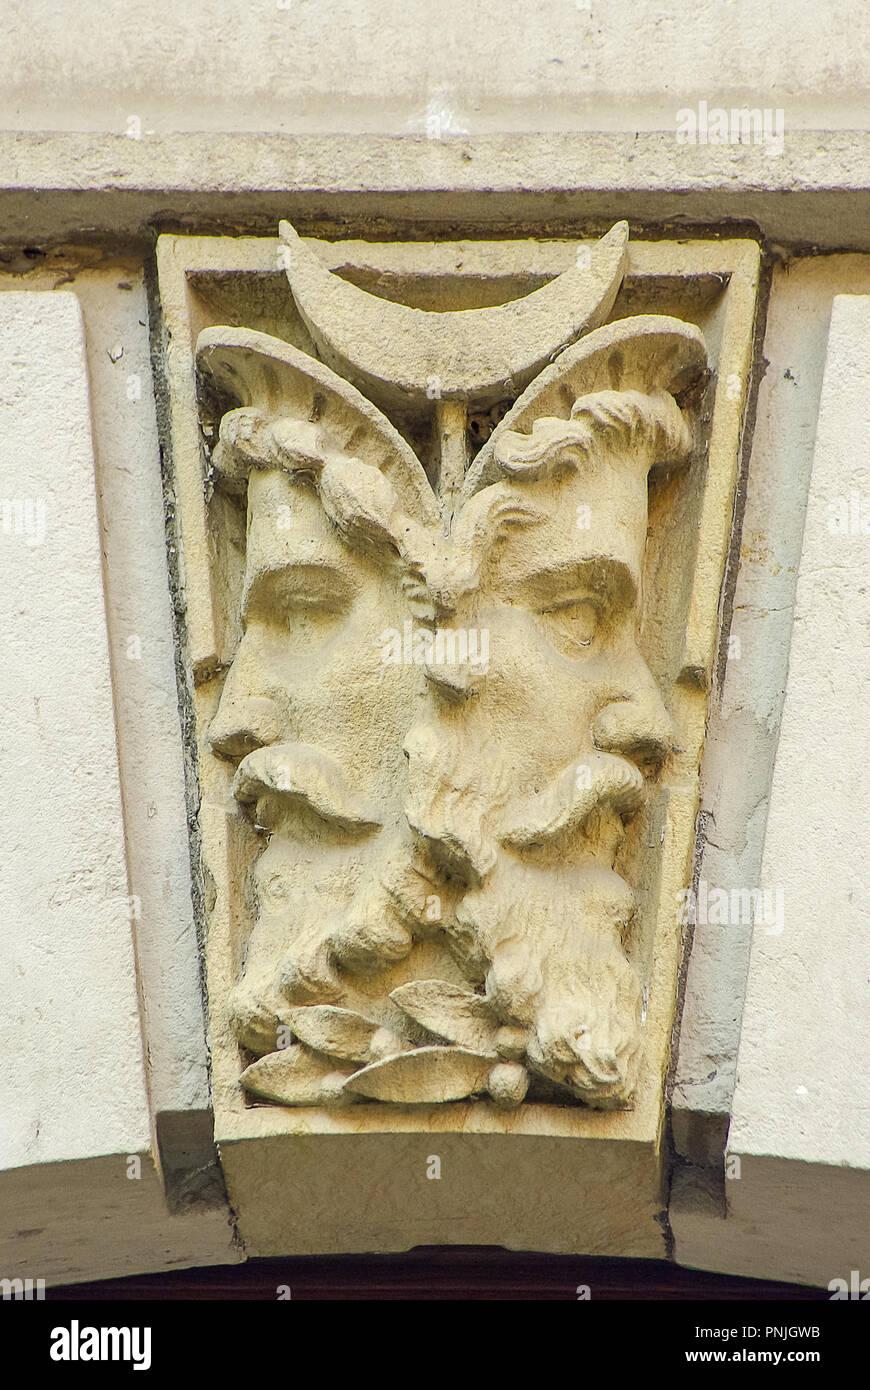 Double Face, Janus Kopf als Schlußstein auf eine Tür Bogen, Königstein, Sachsen, Deutschland. Stockfoto